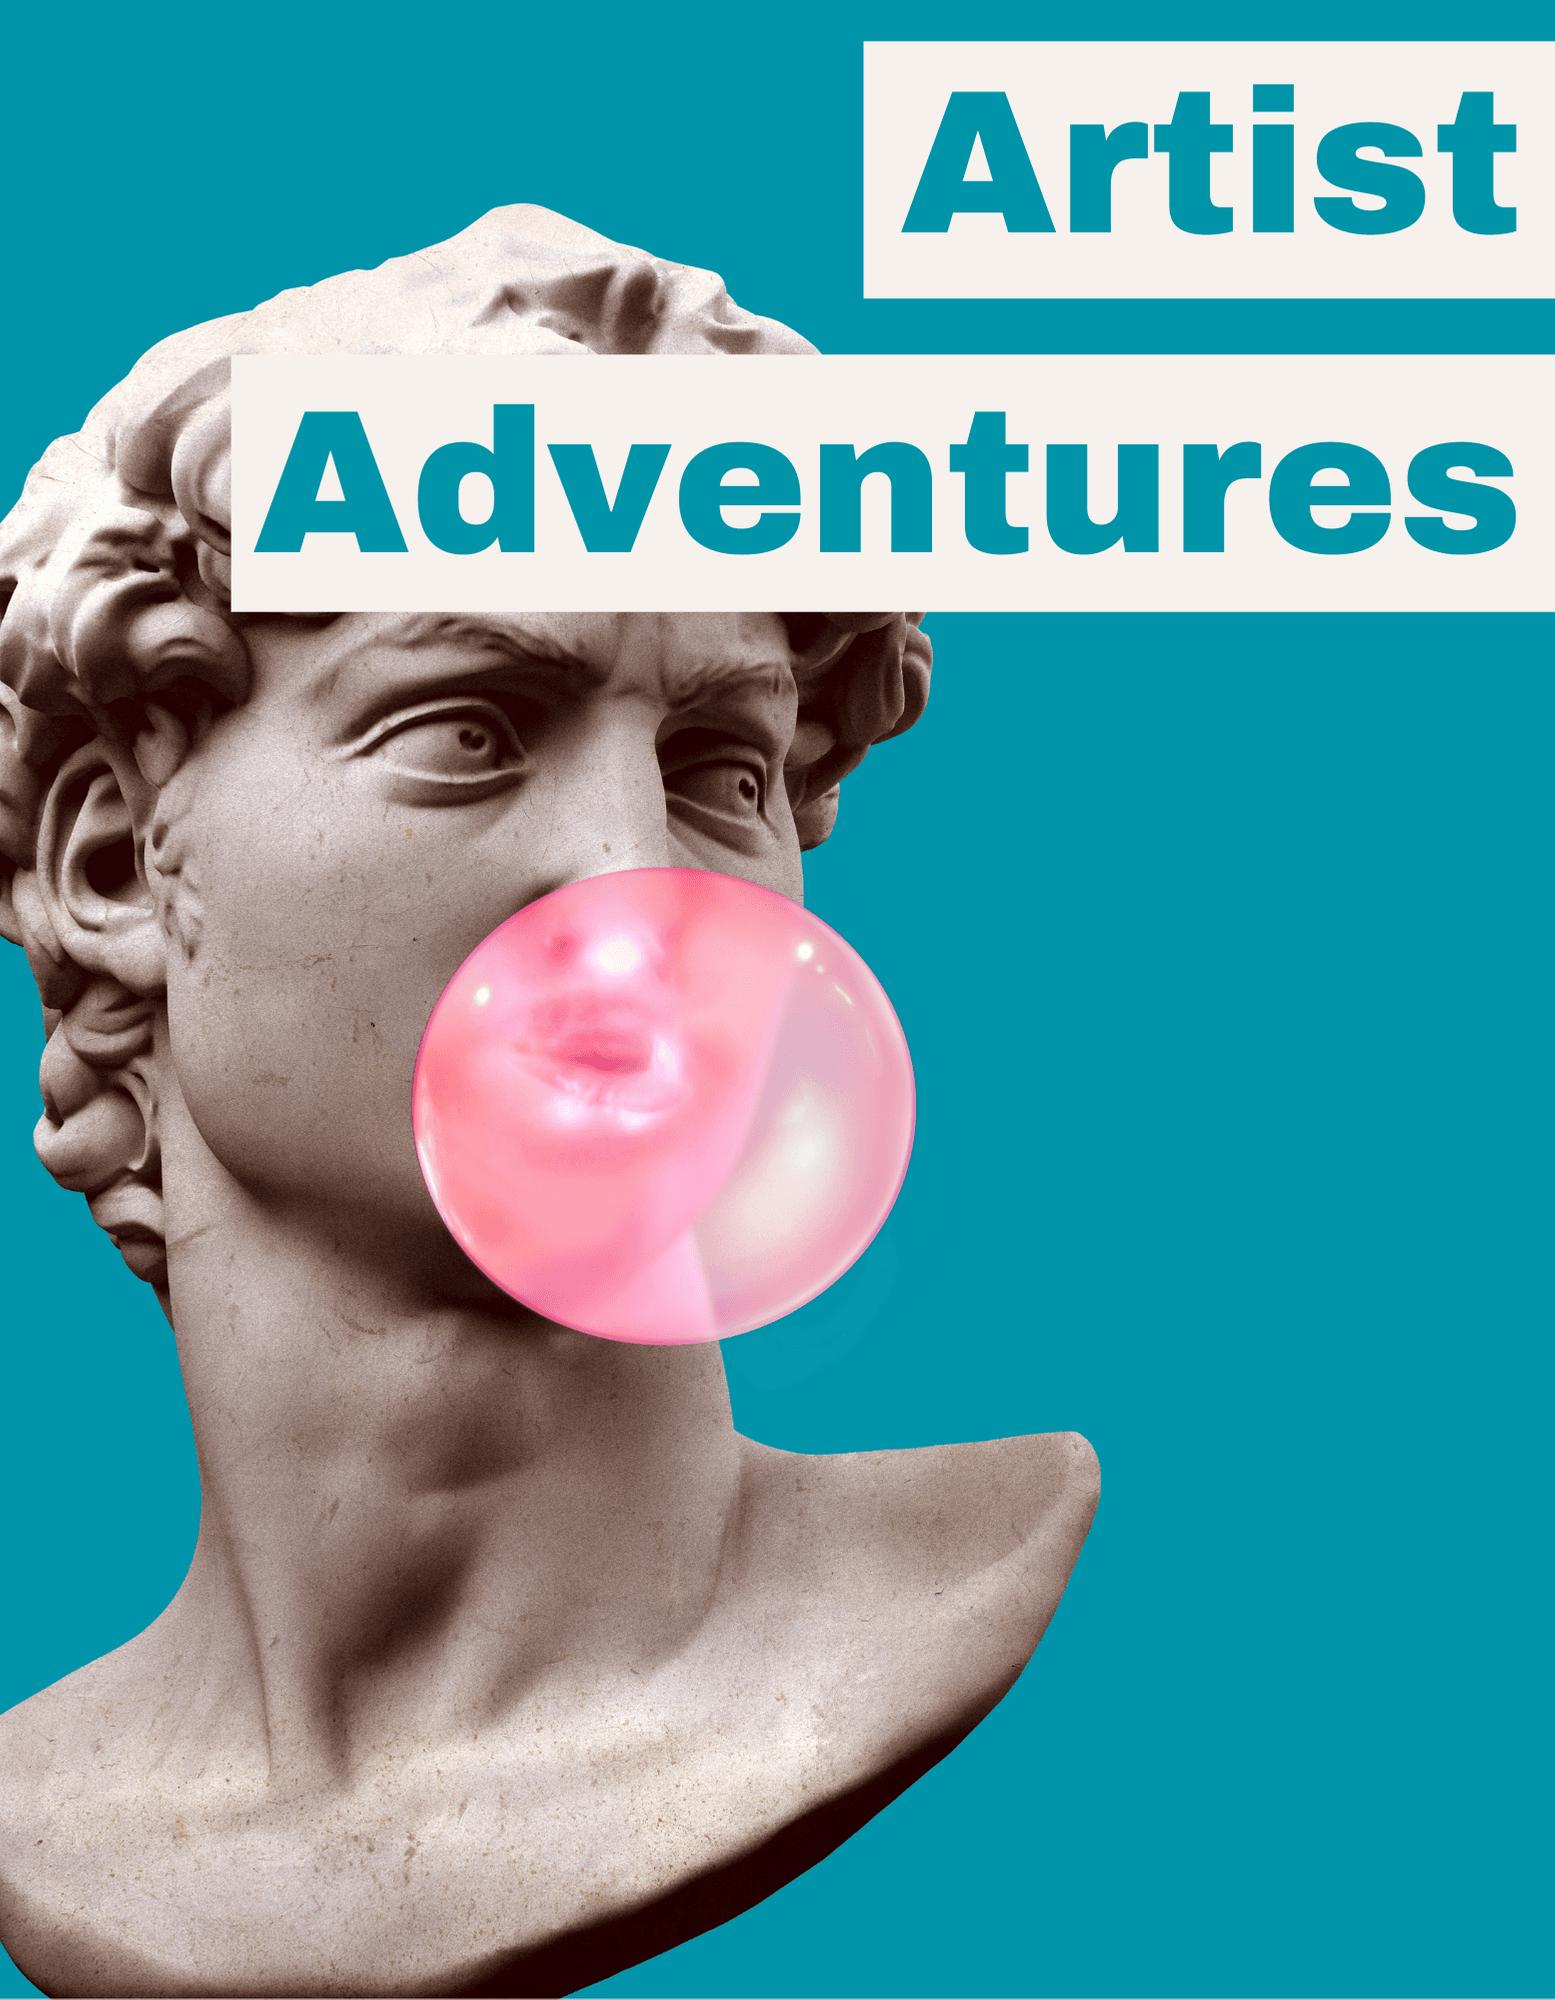 Artist Adventures Statue of david head blowing bubblegum Opens in new window